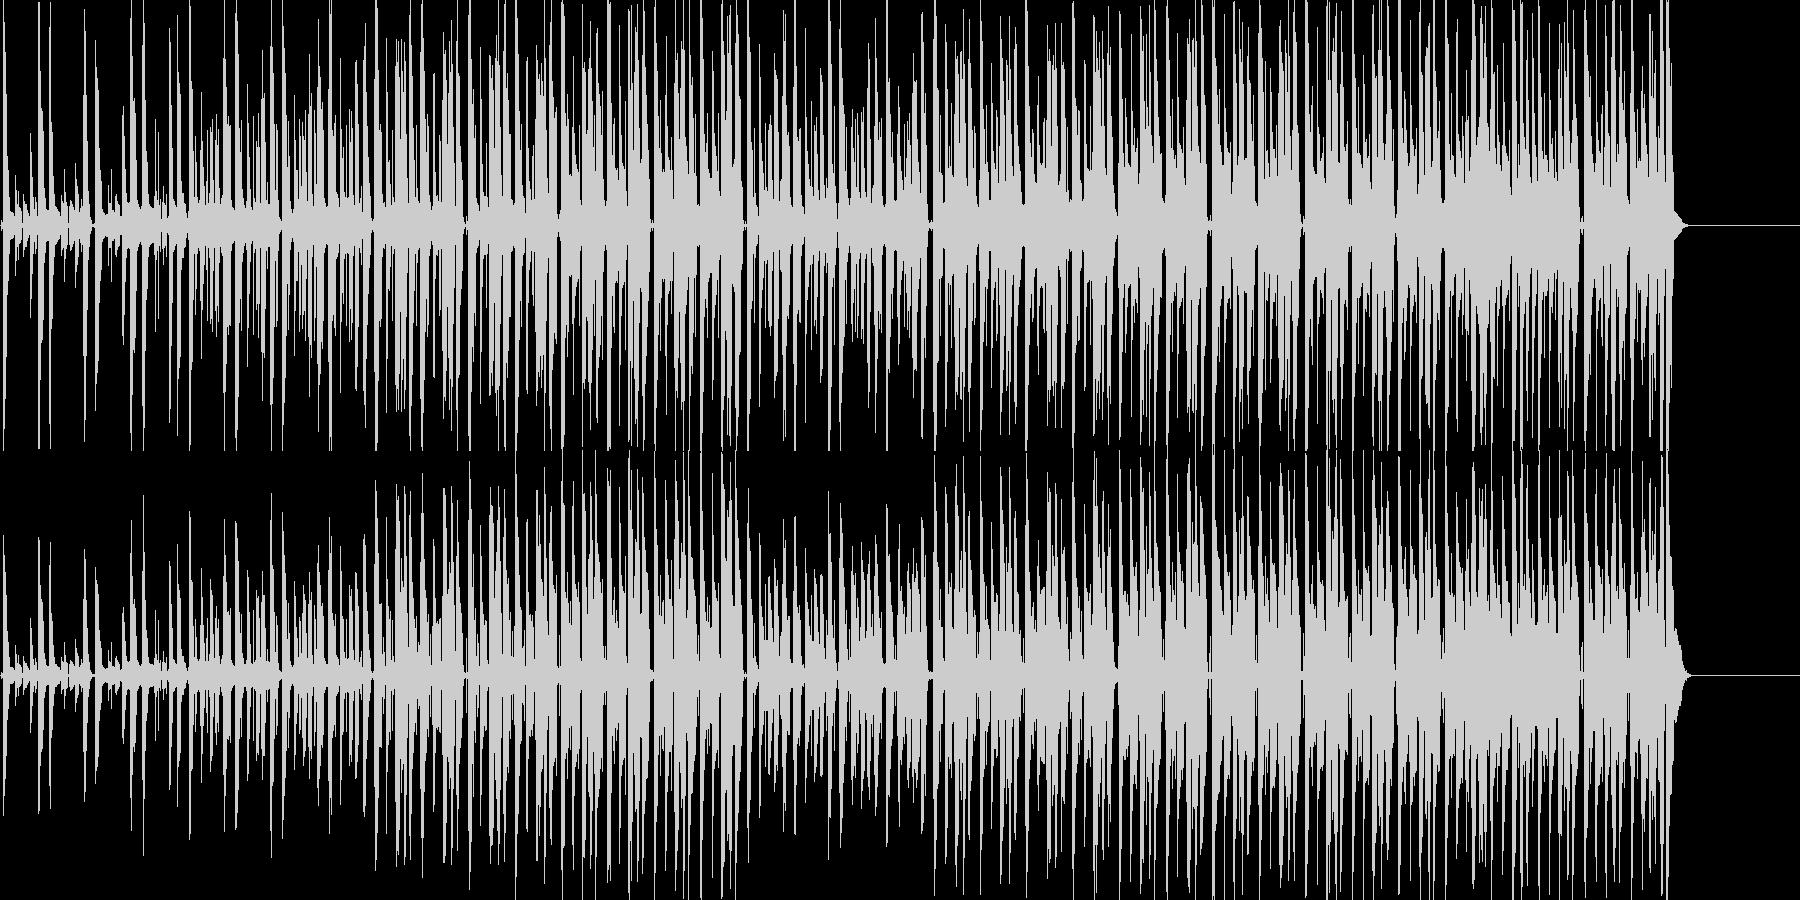 ノリのいいファンキーなギターの曲の未再生の波形